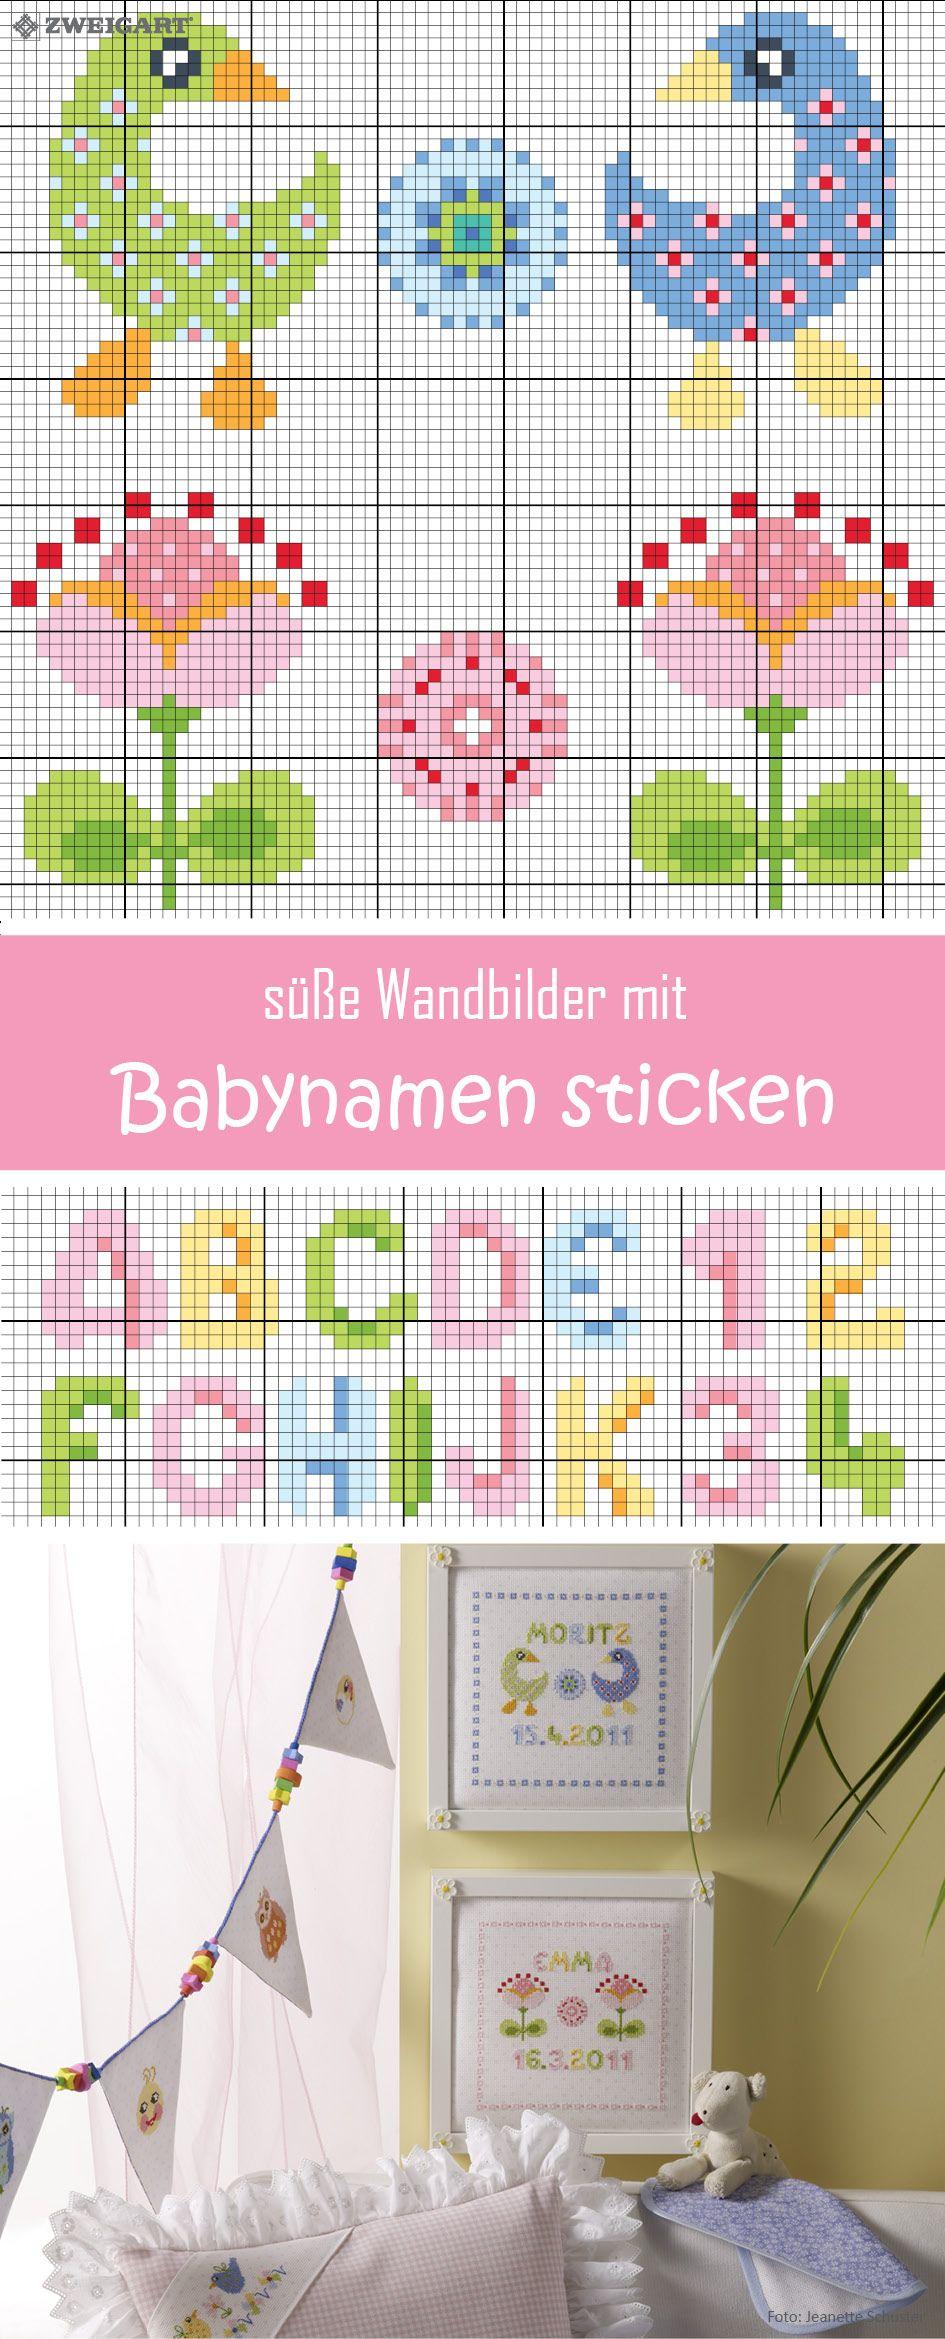 Beliebt Süße Wandbilder mit Baby-Motiven sticken - Entdecke zahlreiche OI08